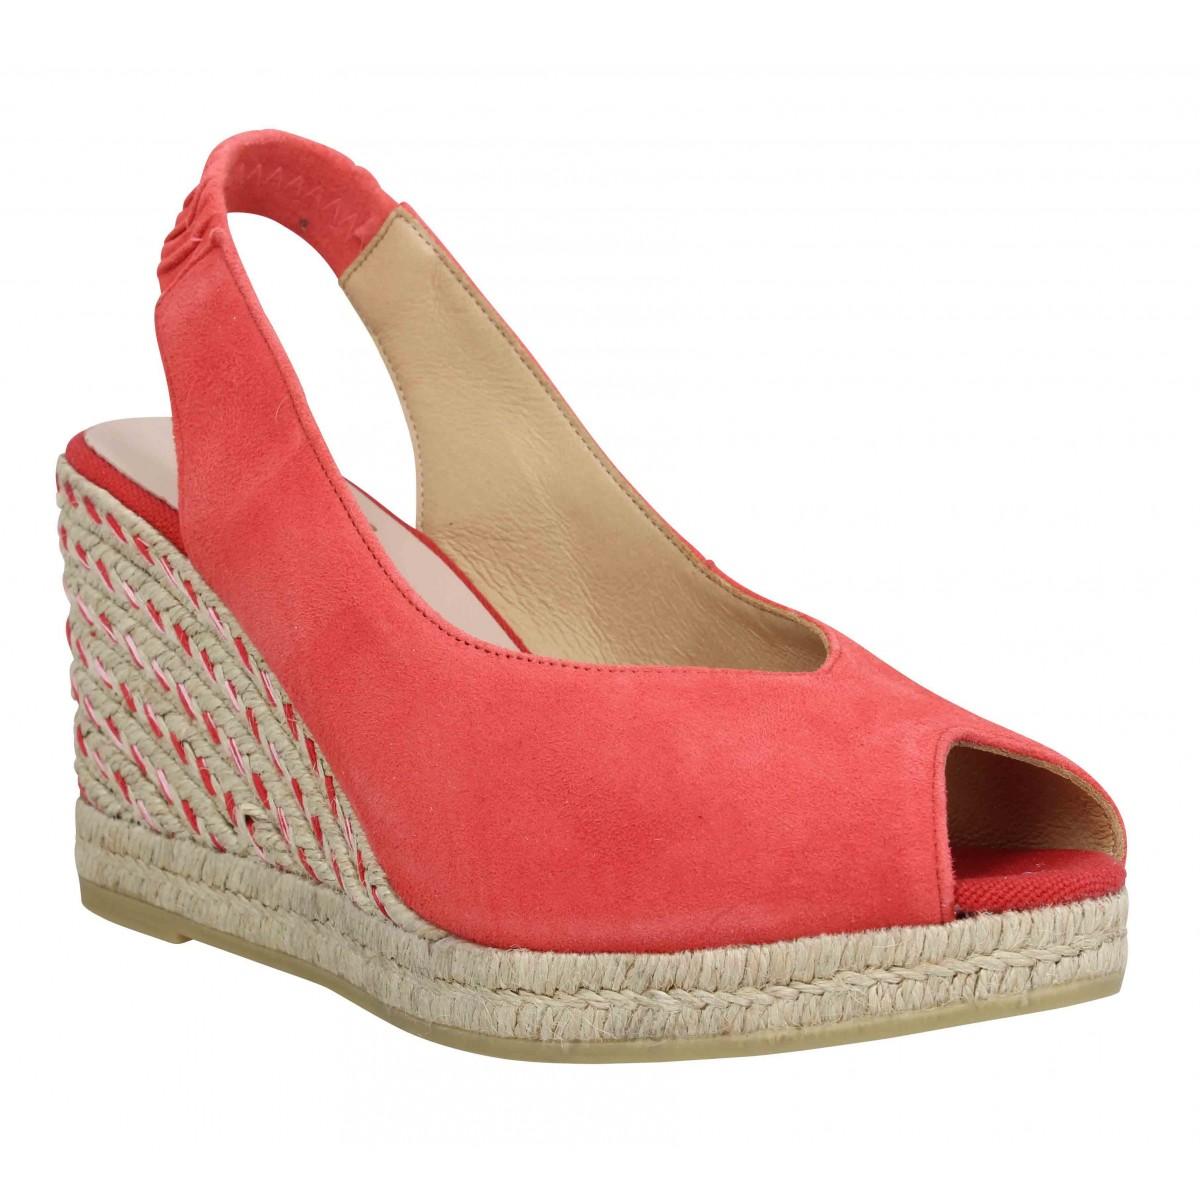 Kanna Femme 9235 Velours -36-rouge